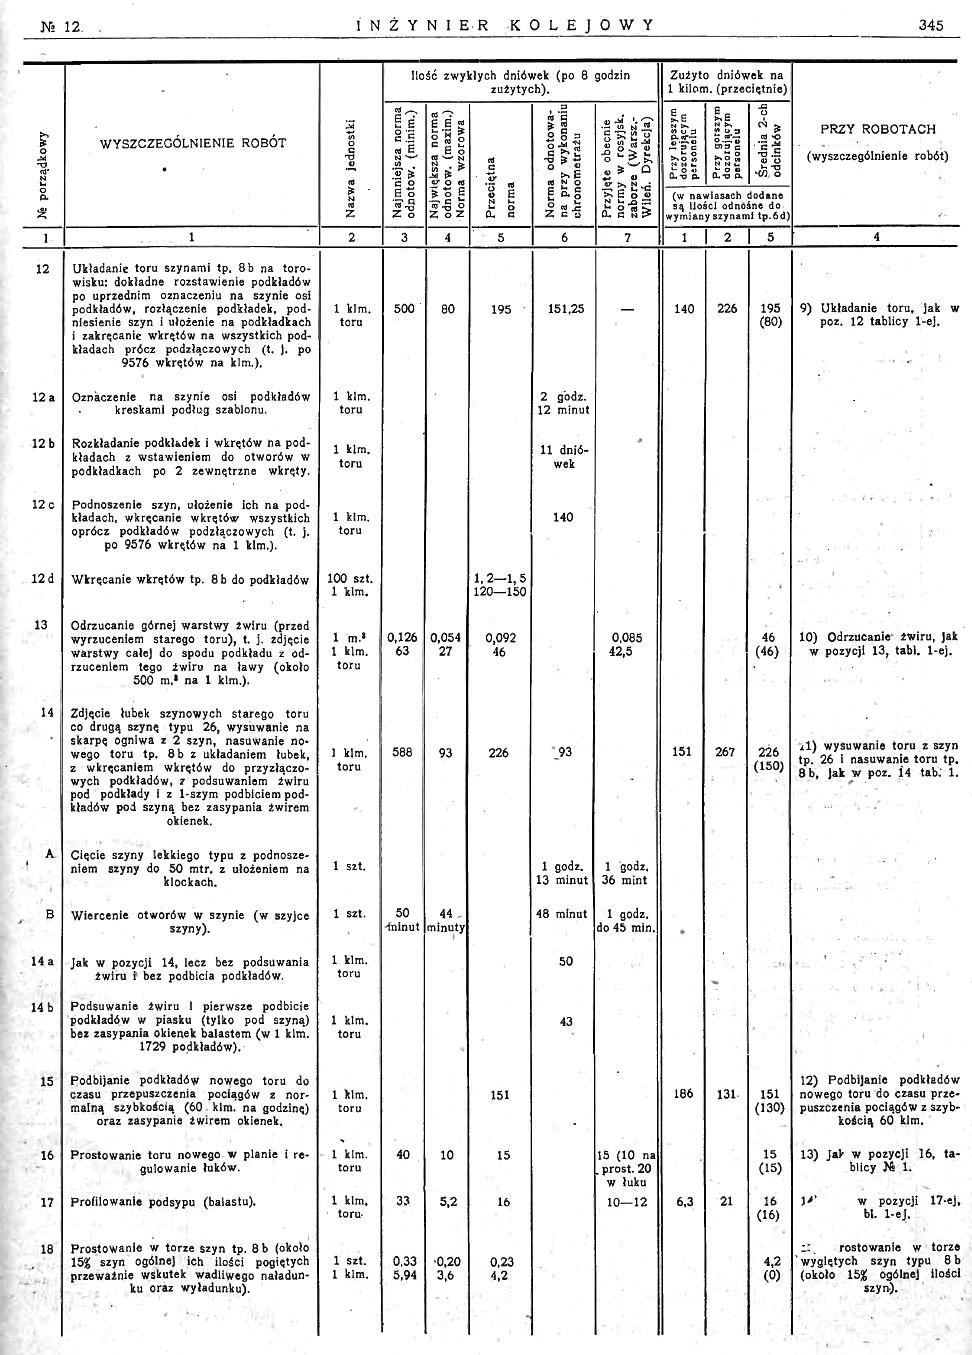 Inż. Kolejowy nr 28 (12-1926) str. 345.jpg